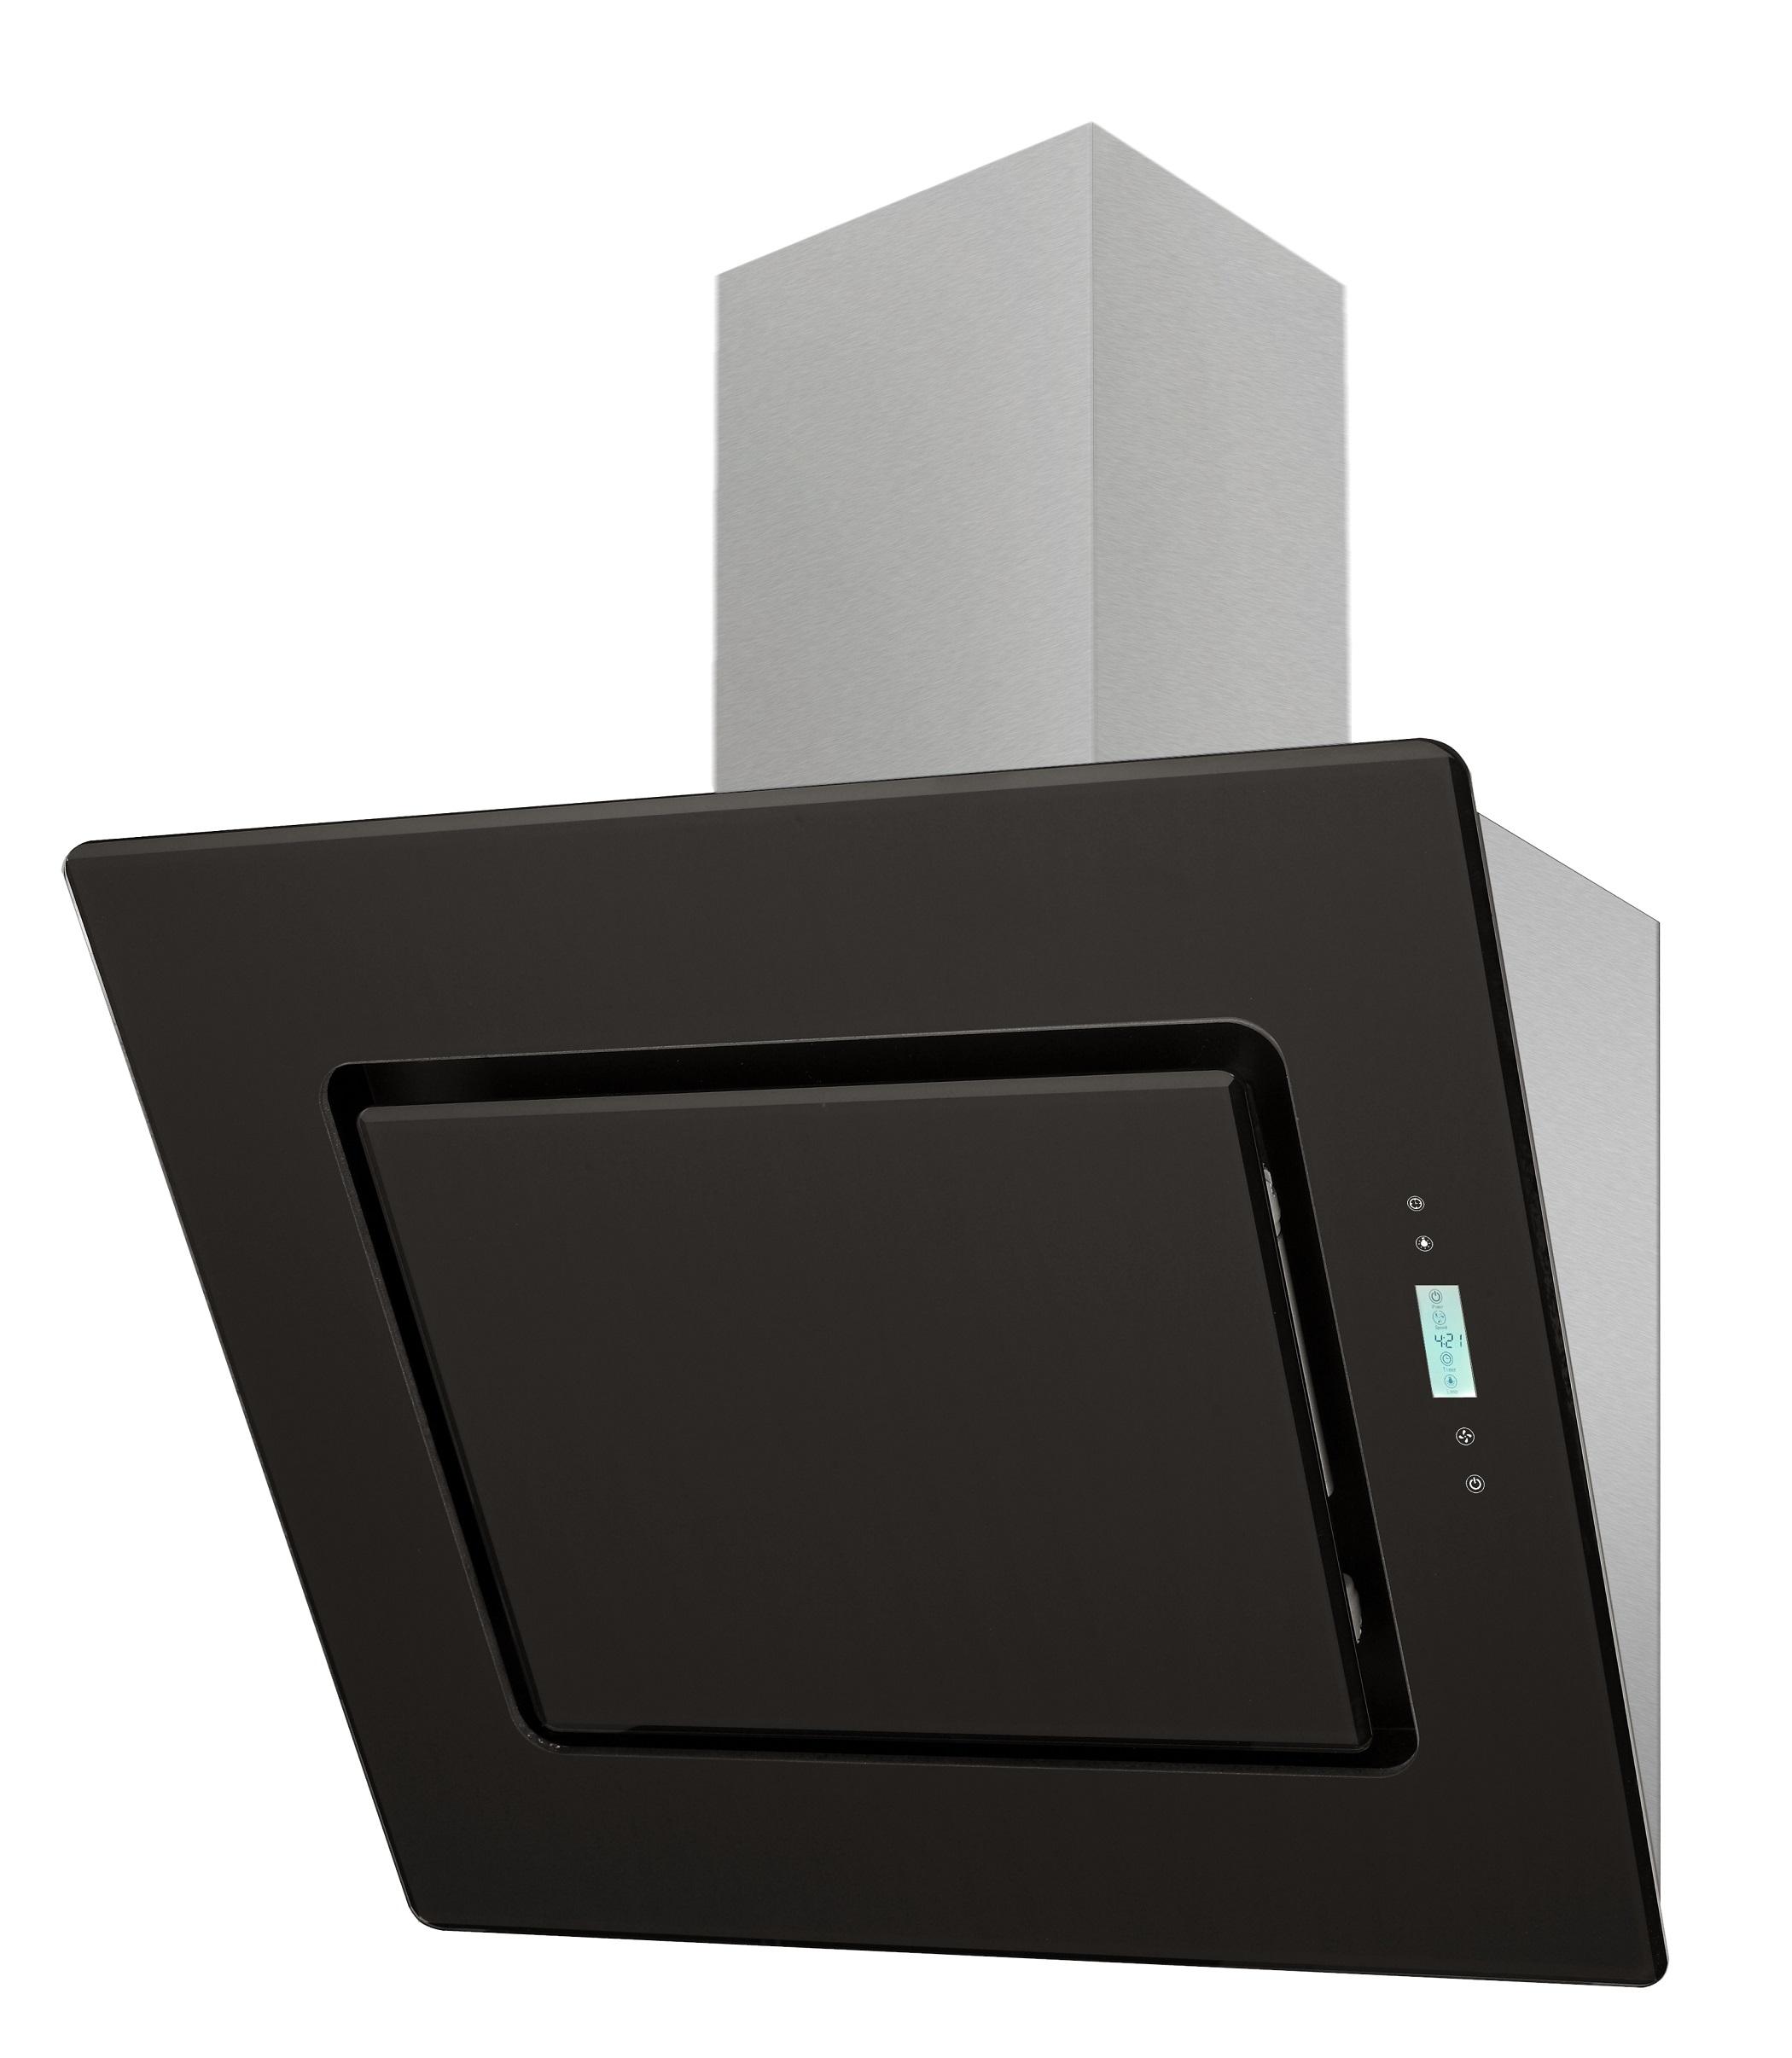 dunstabzugshaube schr ghaube wandhaube kopffrei 60 cm schwarz respekta eekl a ebay. Black Bedroom Furniture Sets. Home Design Ideas